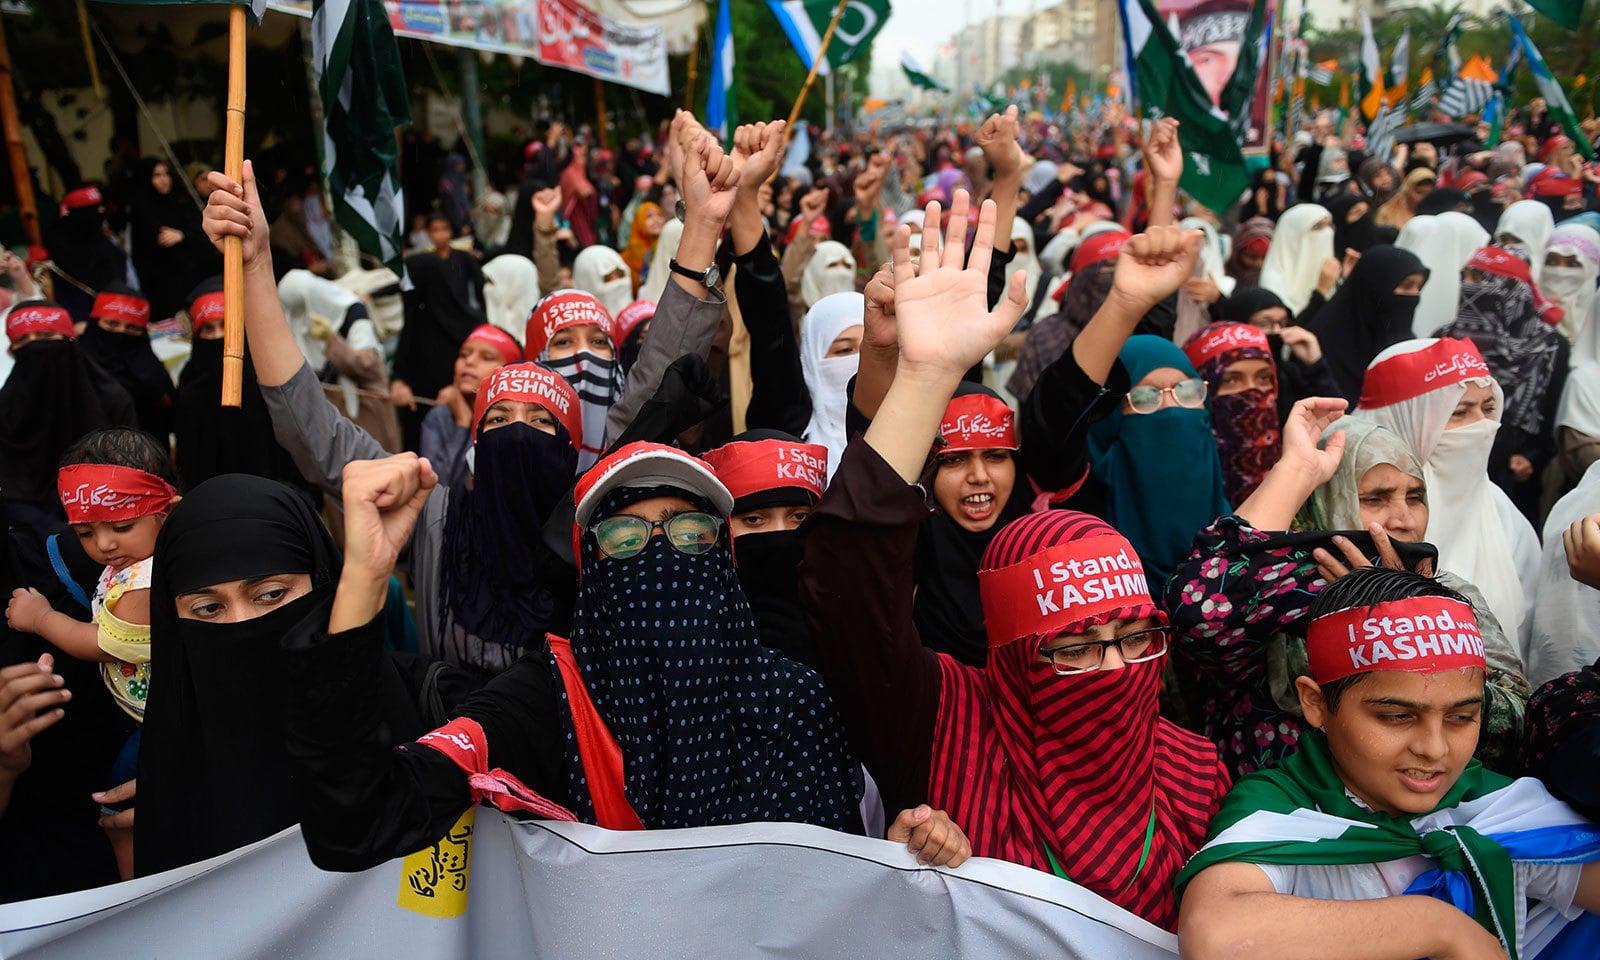 جماعت اسلامی کی آزادی کشمیر  ریلی میں خواتین اور بچوں کی بڑی تعداد بھی شریک تھی—فوٹو:اے ایف پی